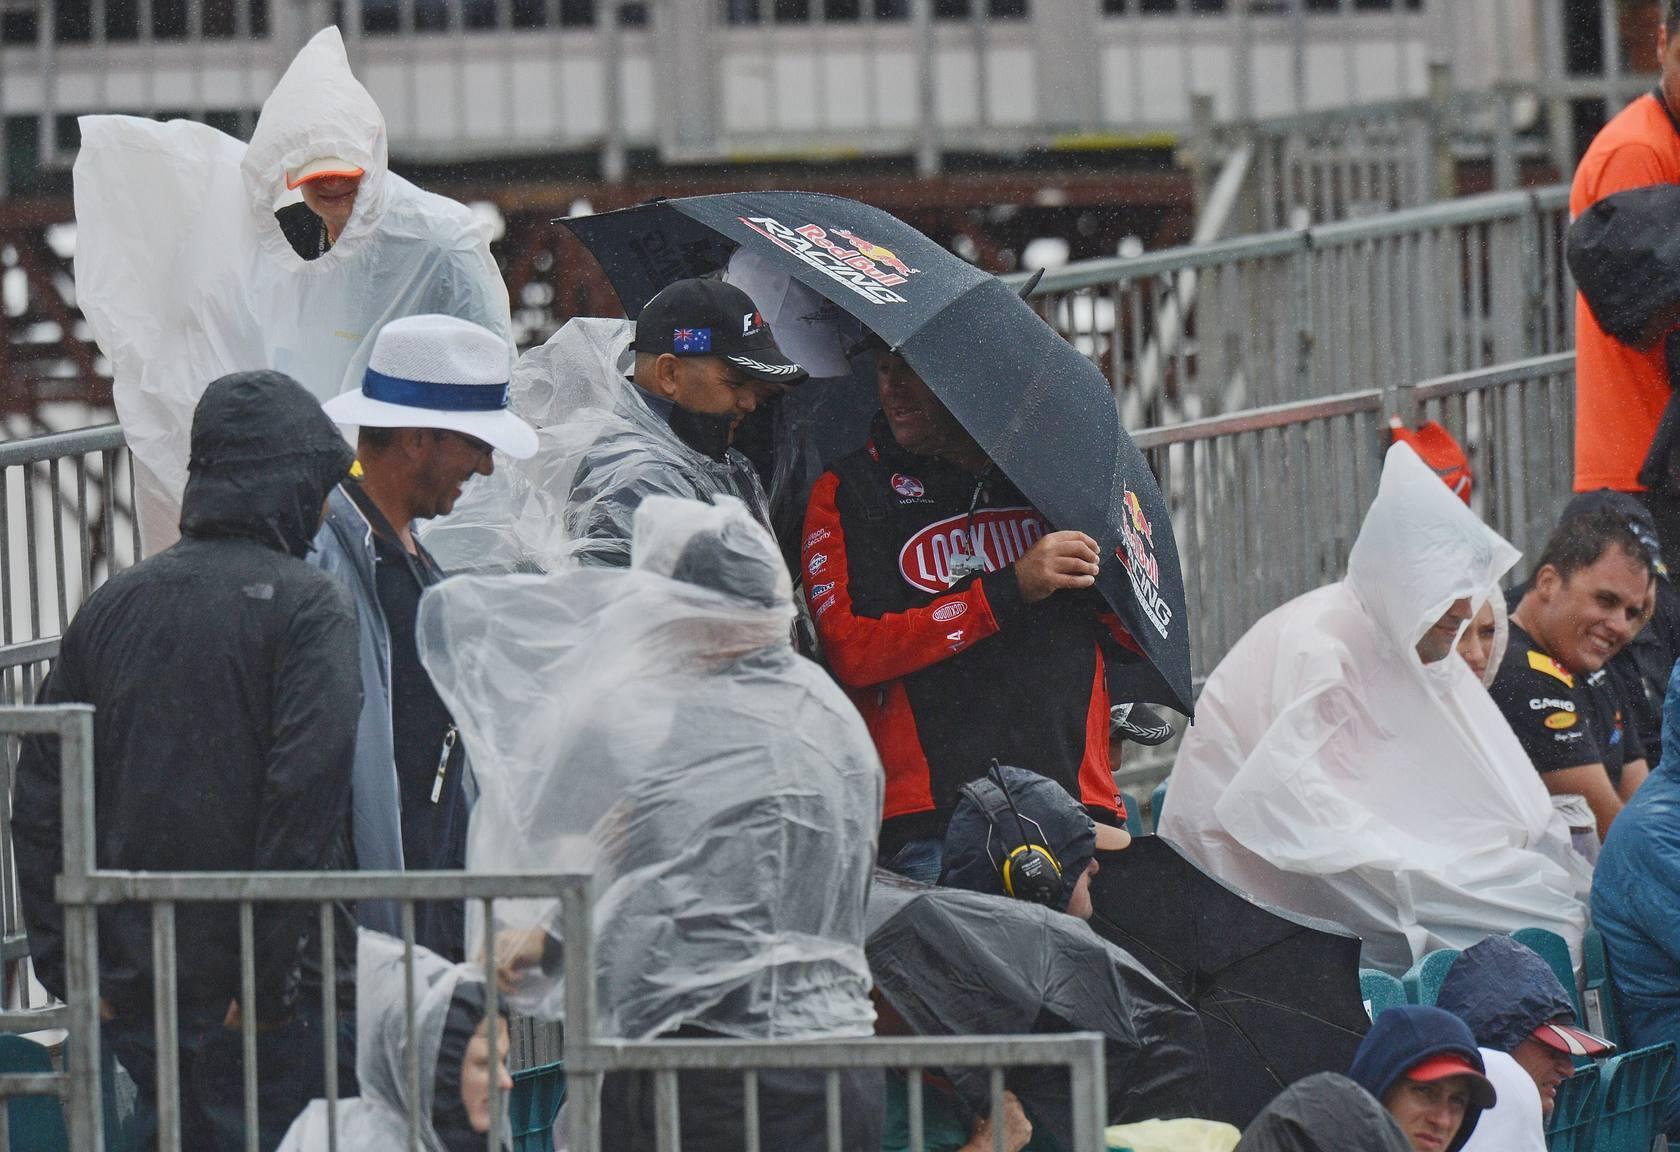 La lluvia obliga a retrasar las pruebas de clasificación en el GP de Australia de F1